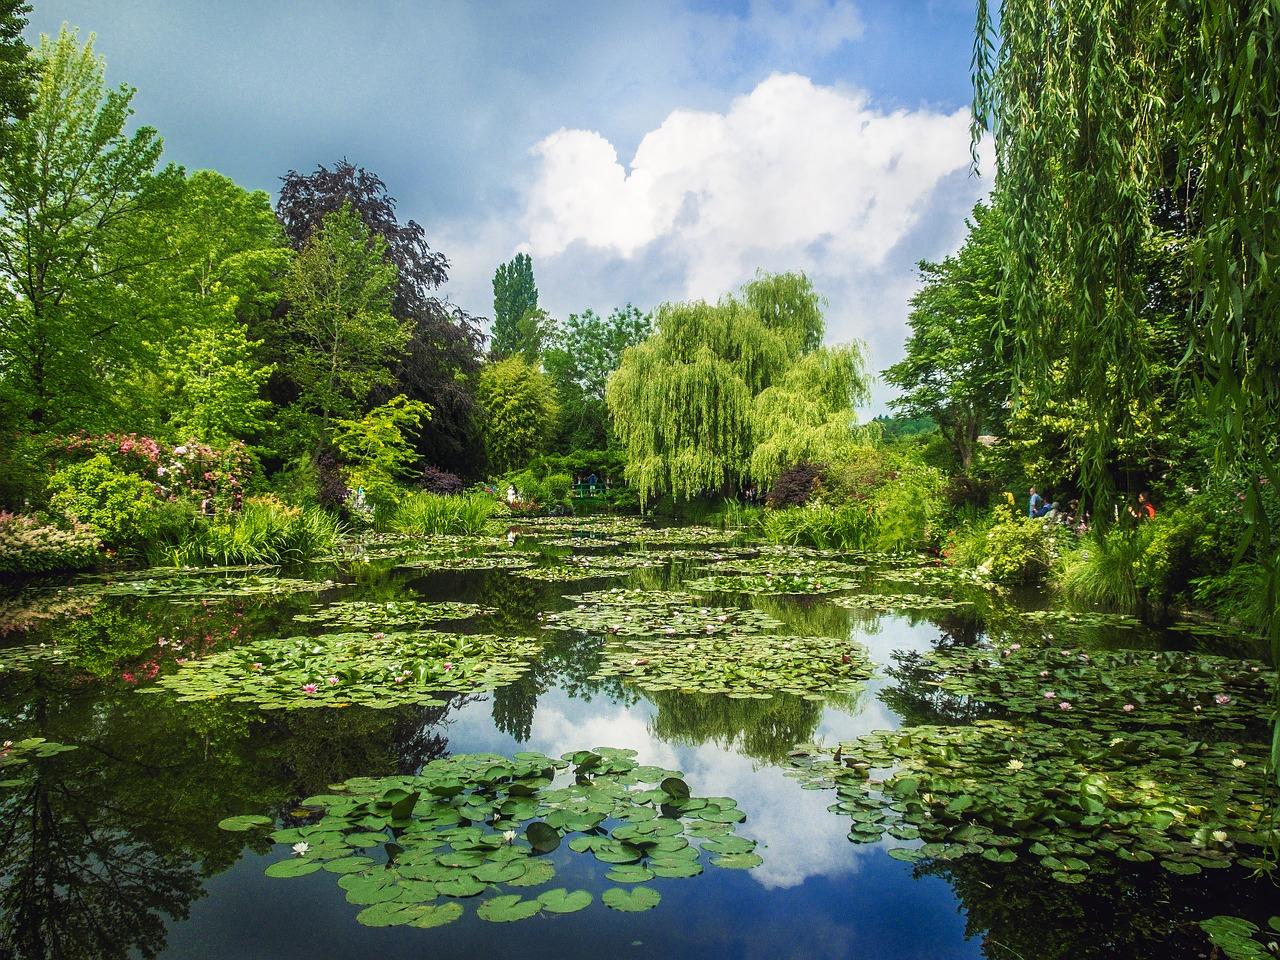 Vijver in de tuin van Claude Monet, Giverny